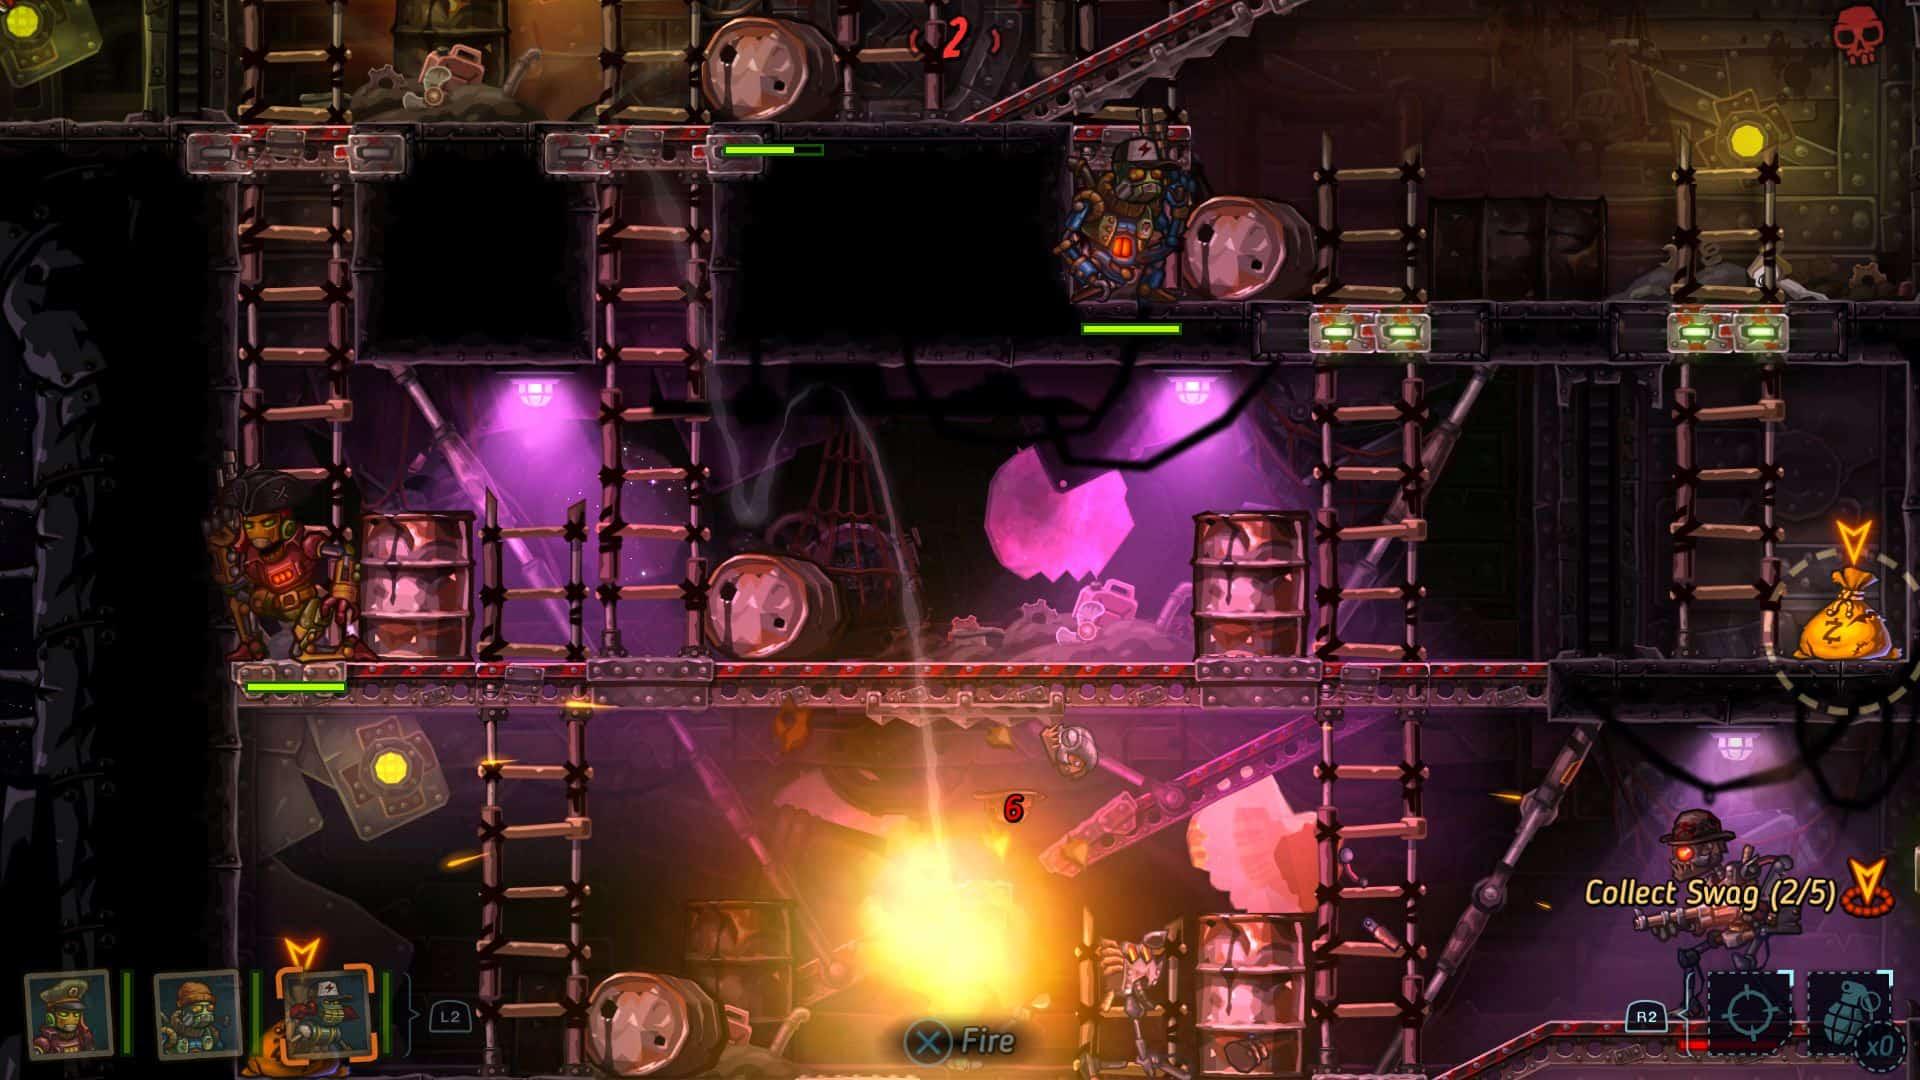 SteamWorld Heist